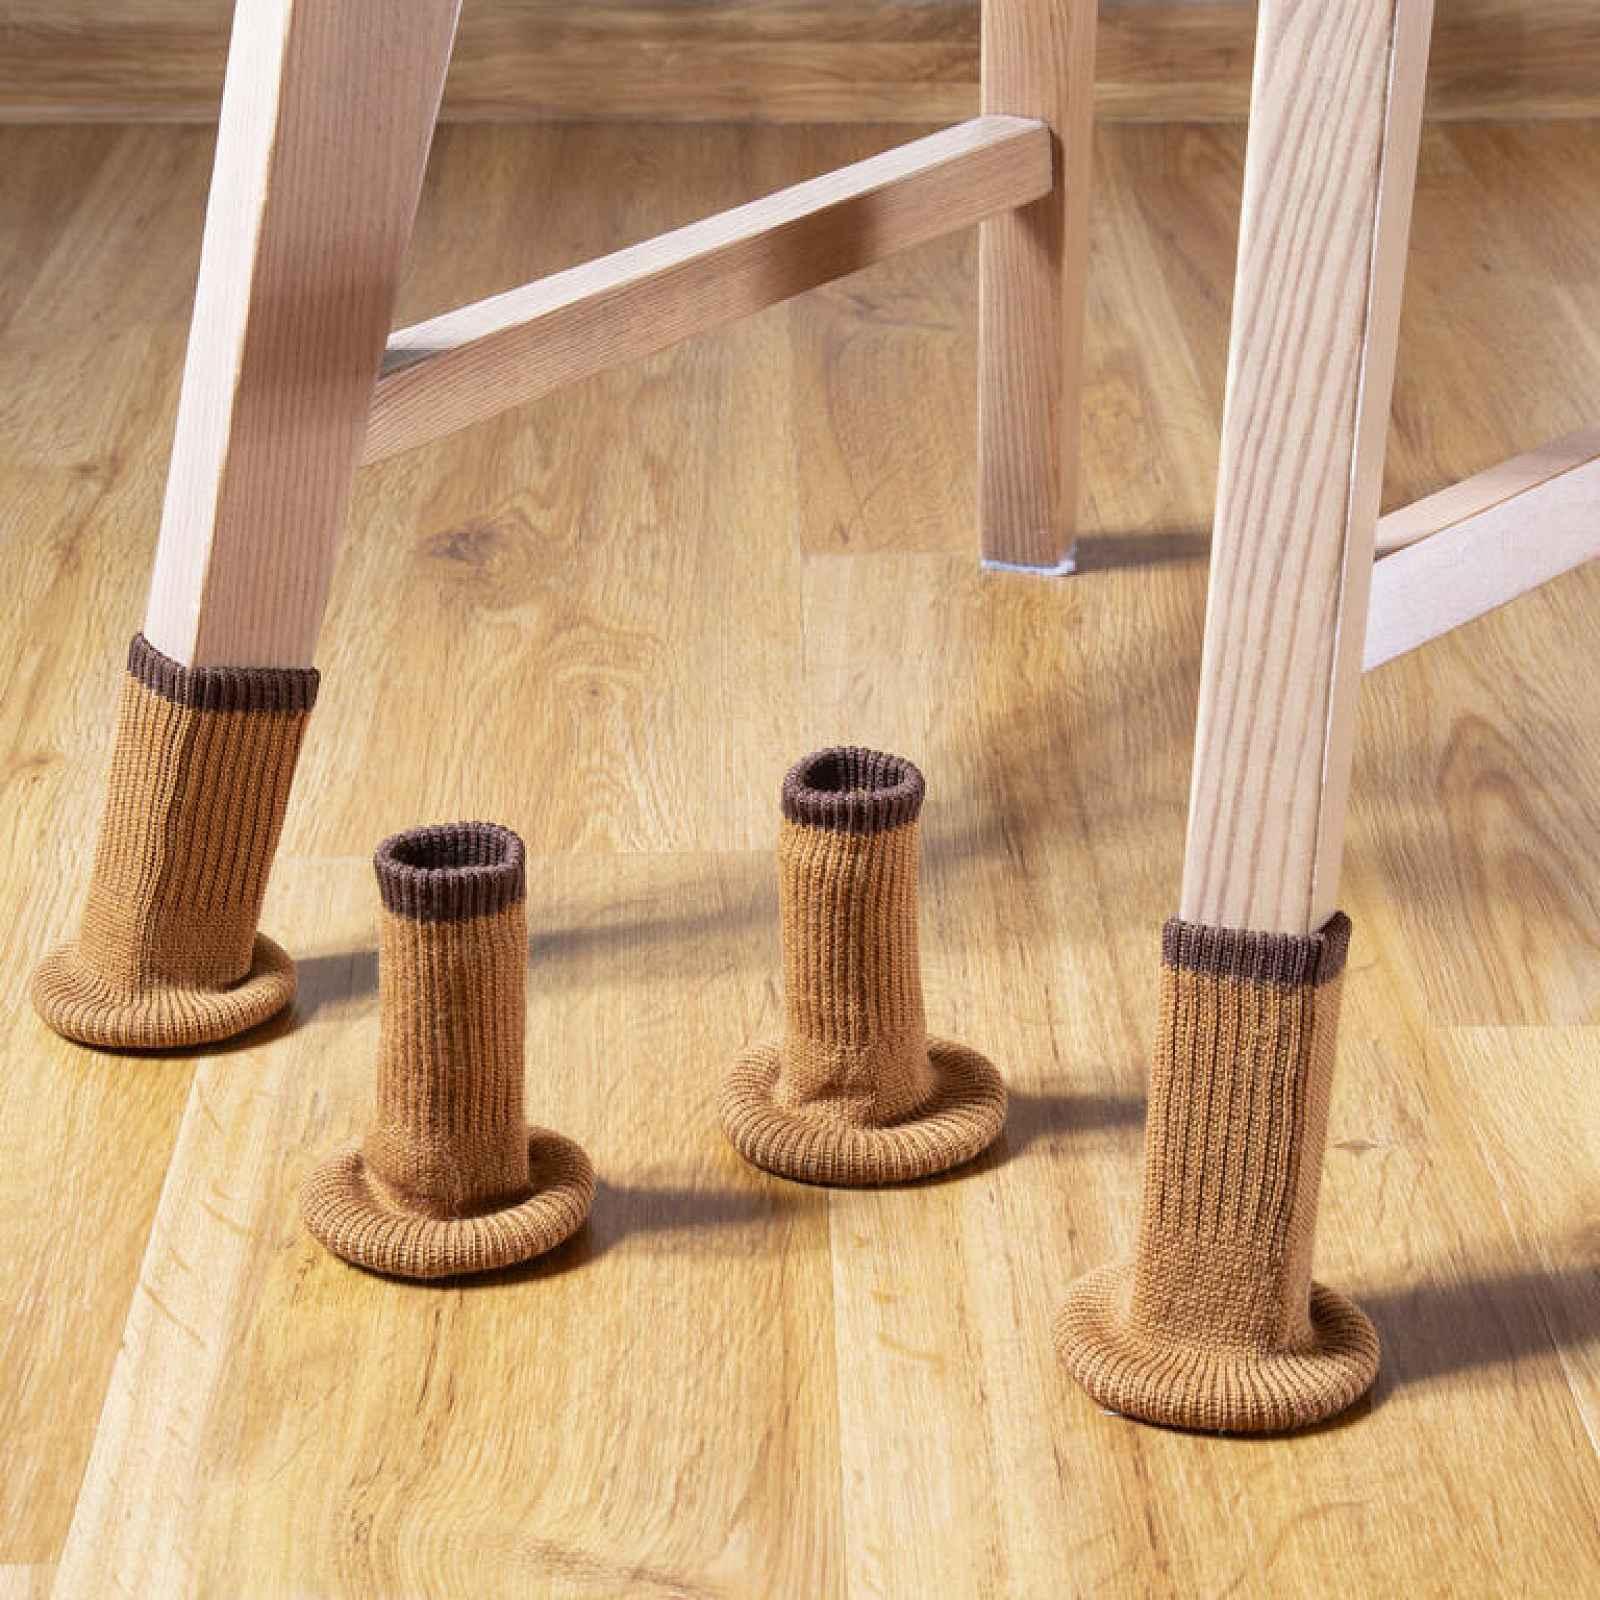 Ponožky na nohy nábytku, sada 4 ks